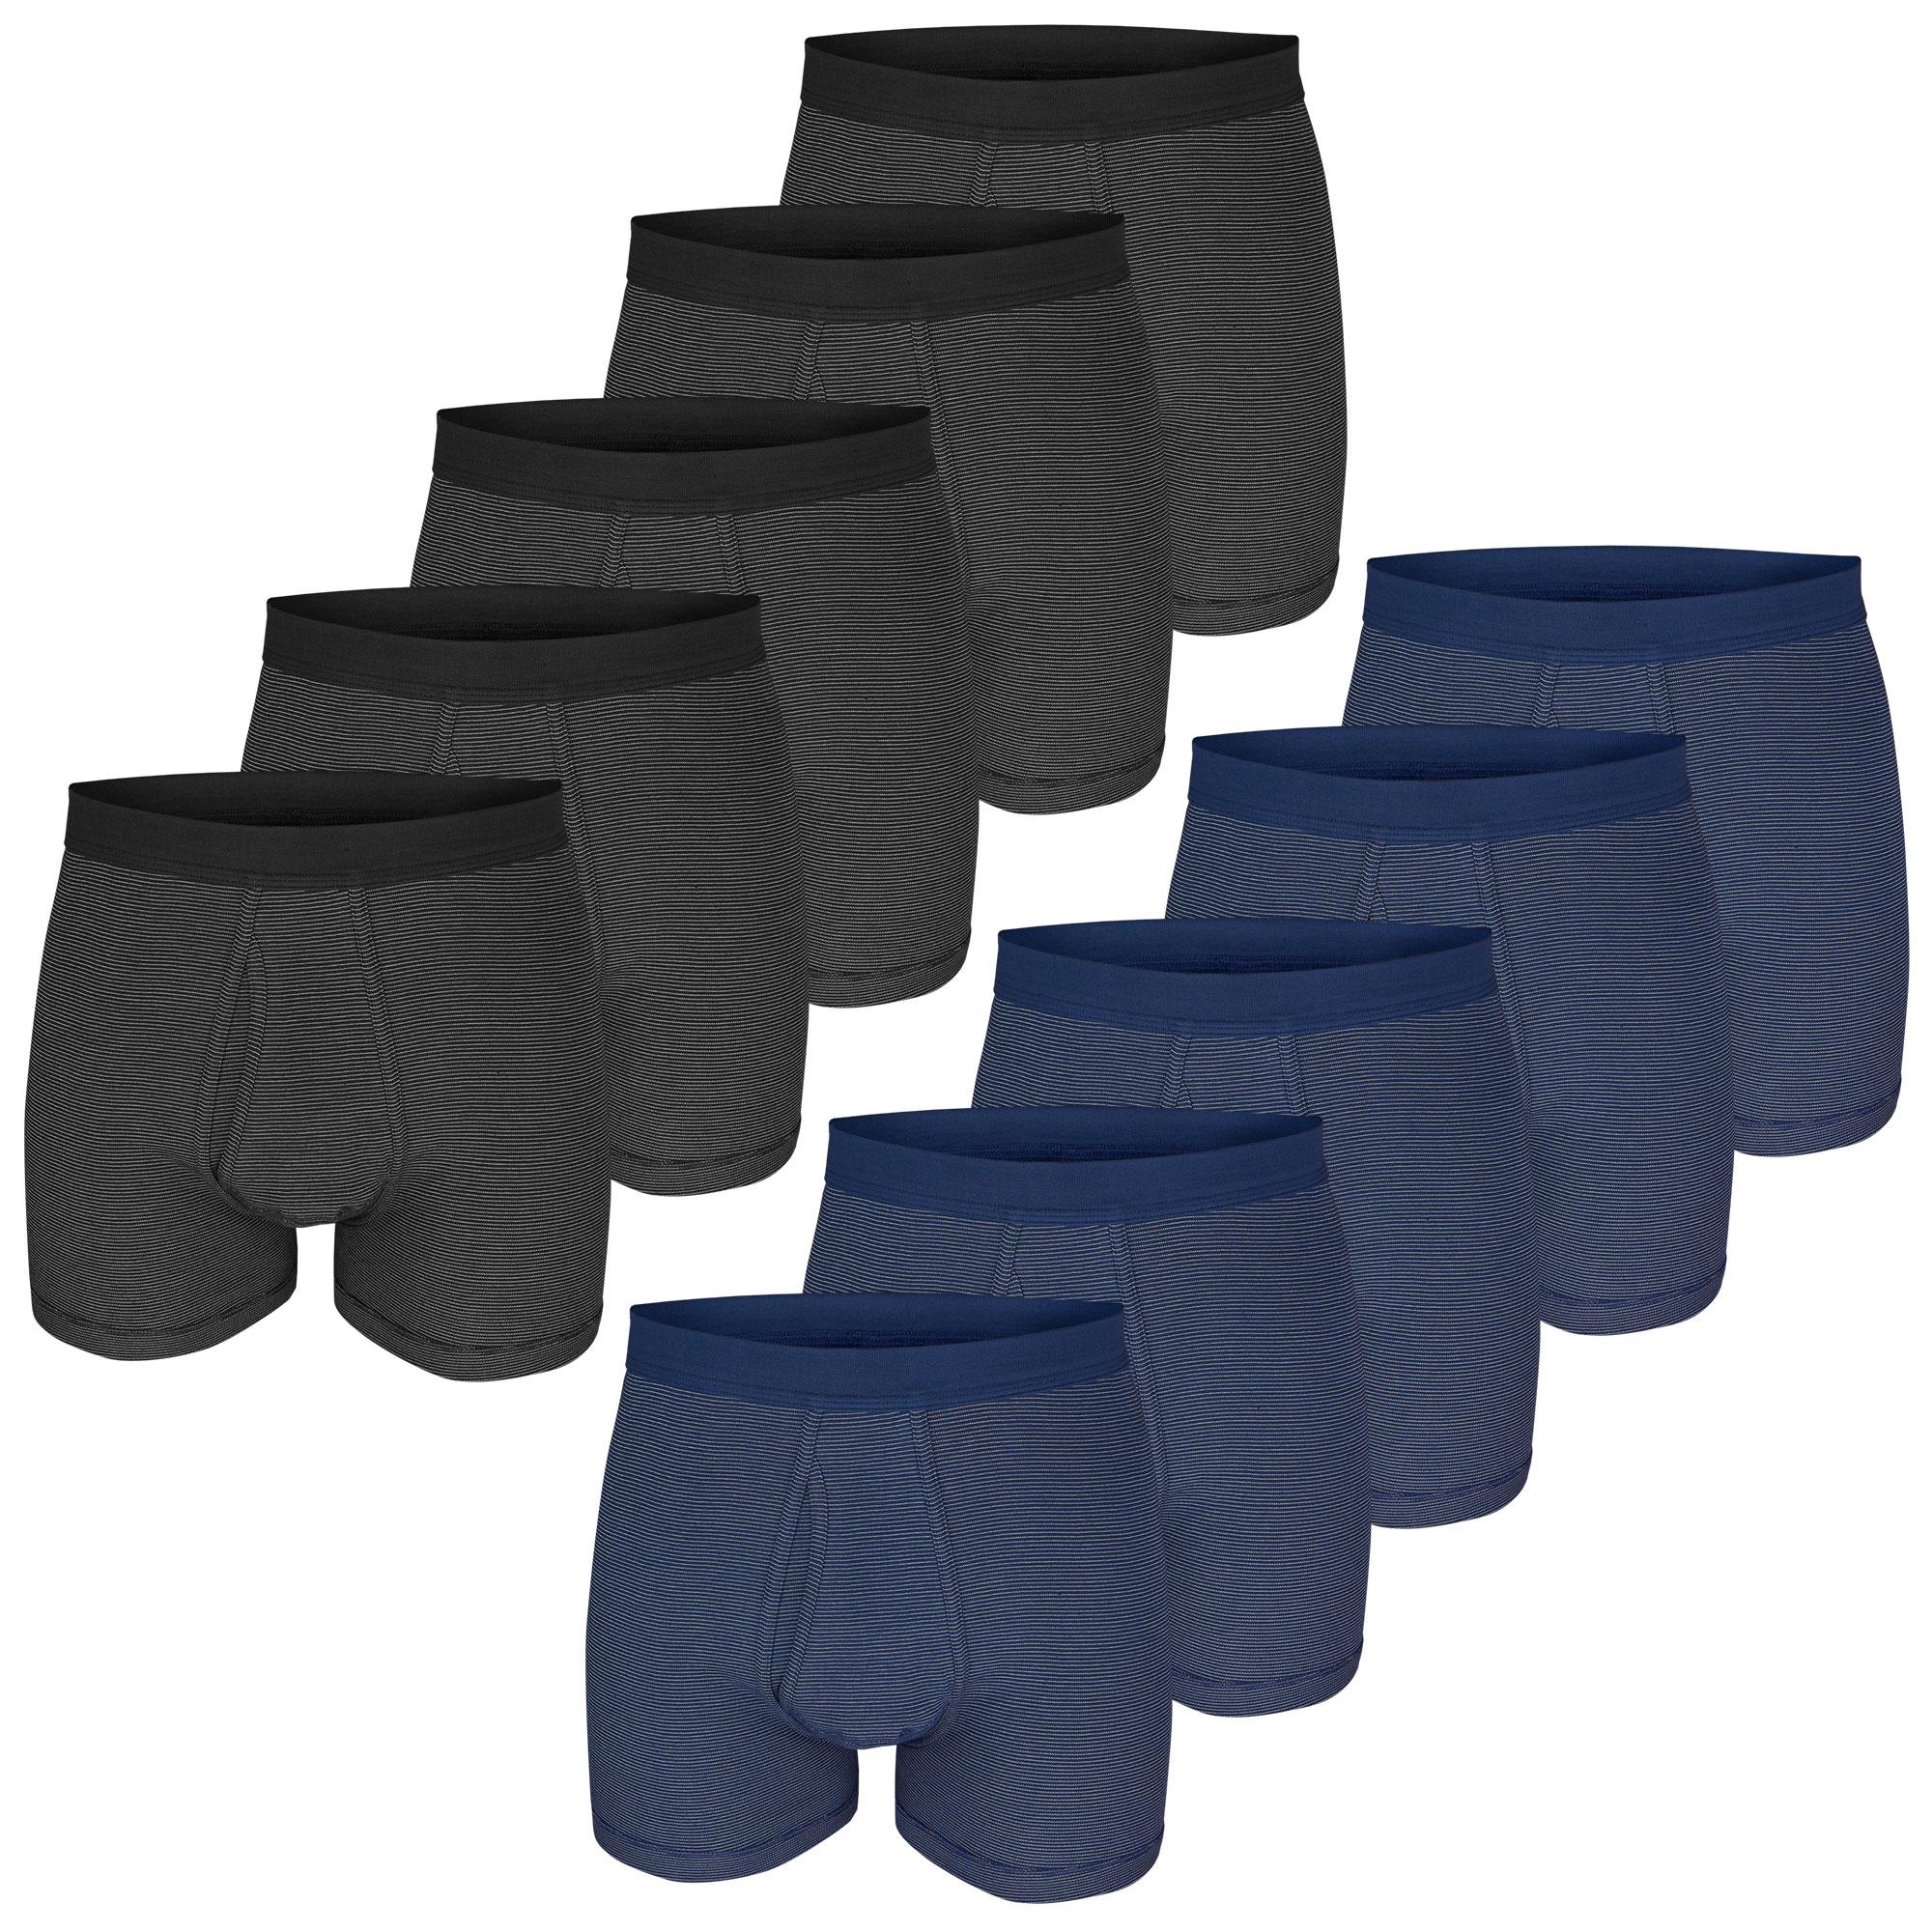 ESGE Herren Boxershorts, Pants, Feinripp Ringel, 5 Stück, mit Eingriff – Bild 1